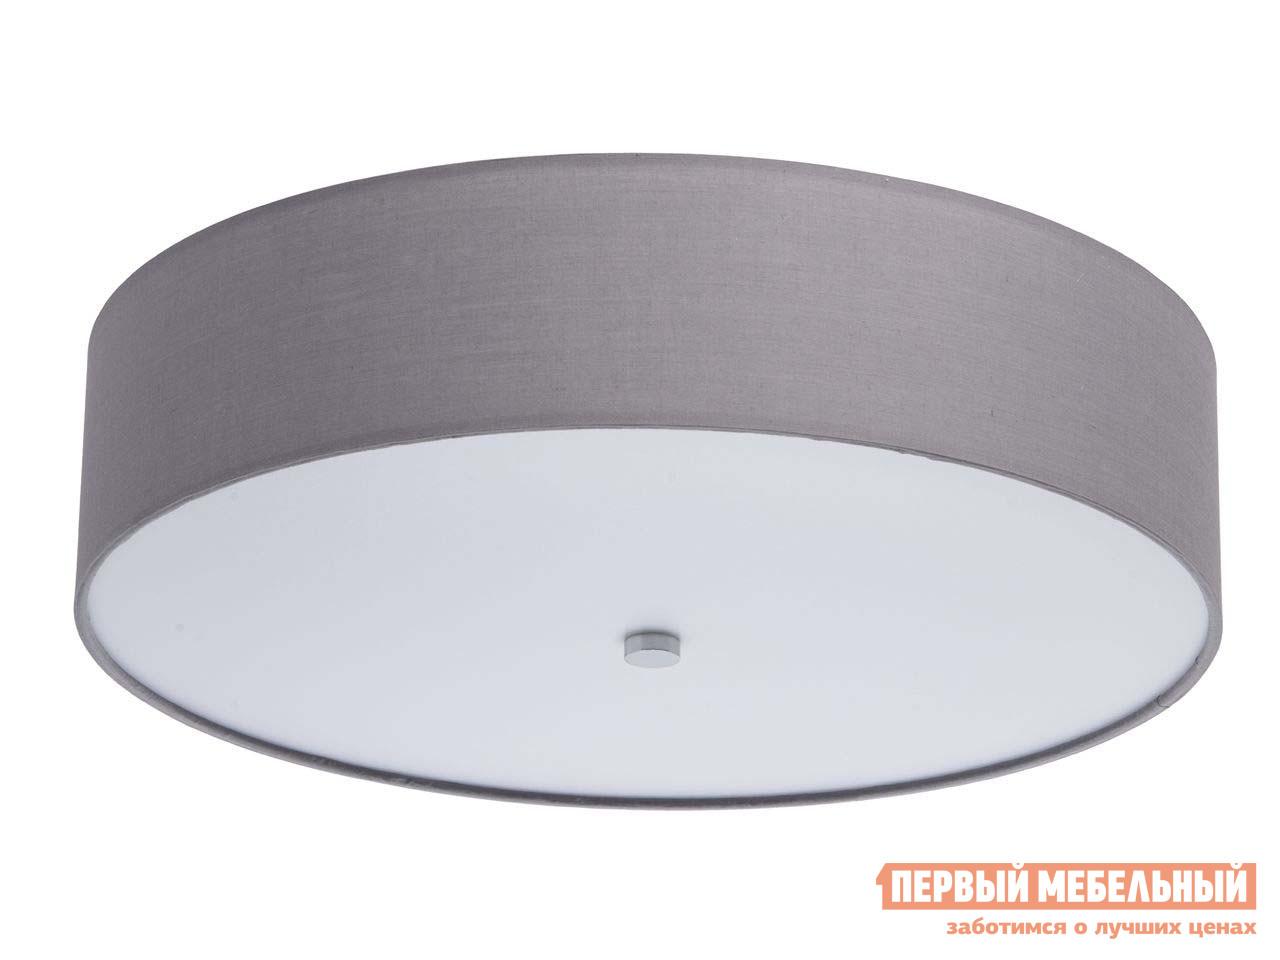 Настенно-потолочный светильник Штерн 453011401/453011501 Дафна 40W LED 220 V люстра